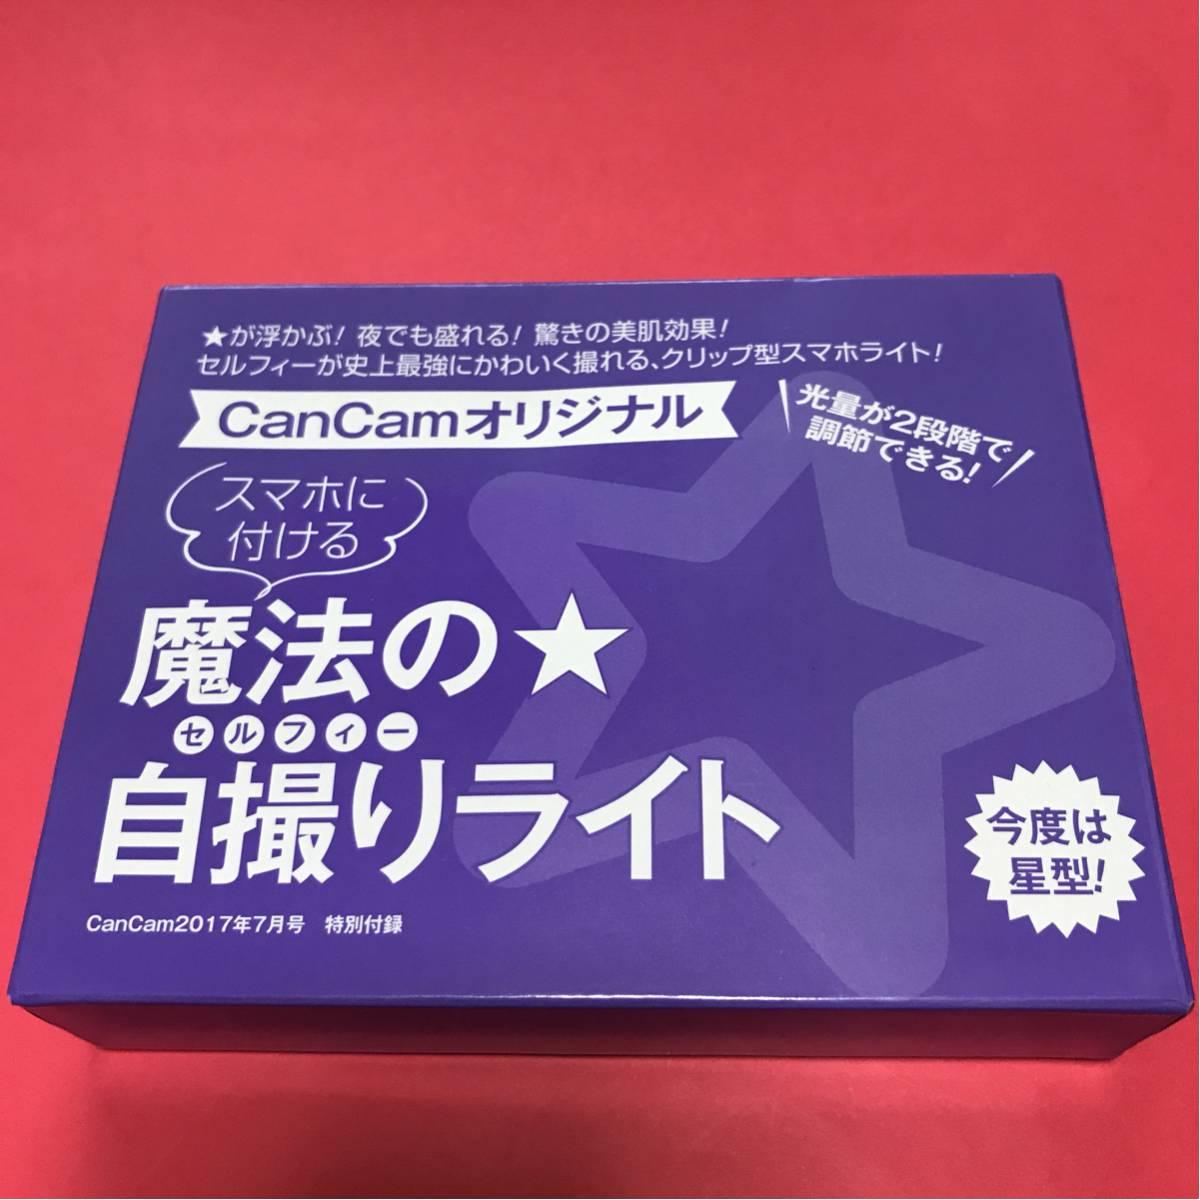 ★キャンキャンライト★キャンキャン★Can Cam 2017年7月号★魔法の自撮りライト★星型★人気商品★_画像1